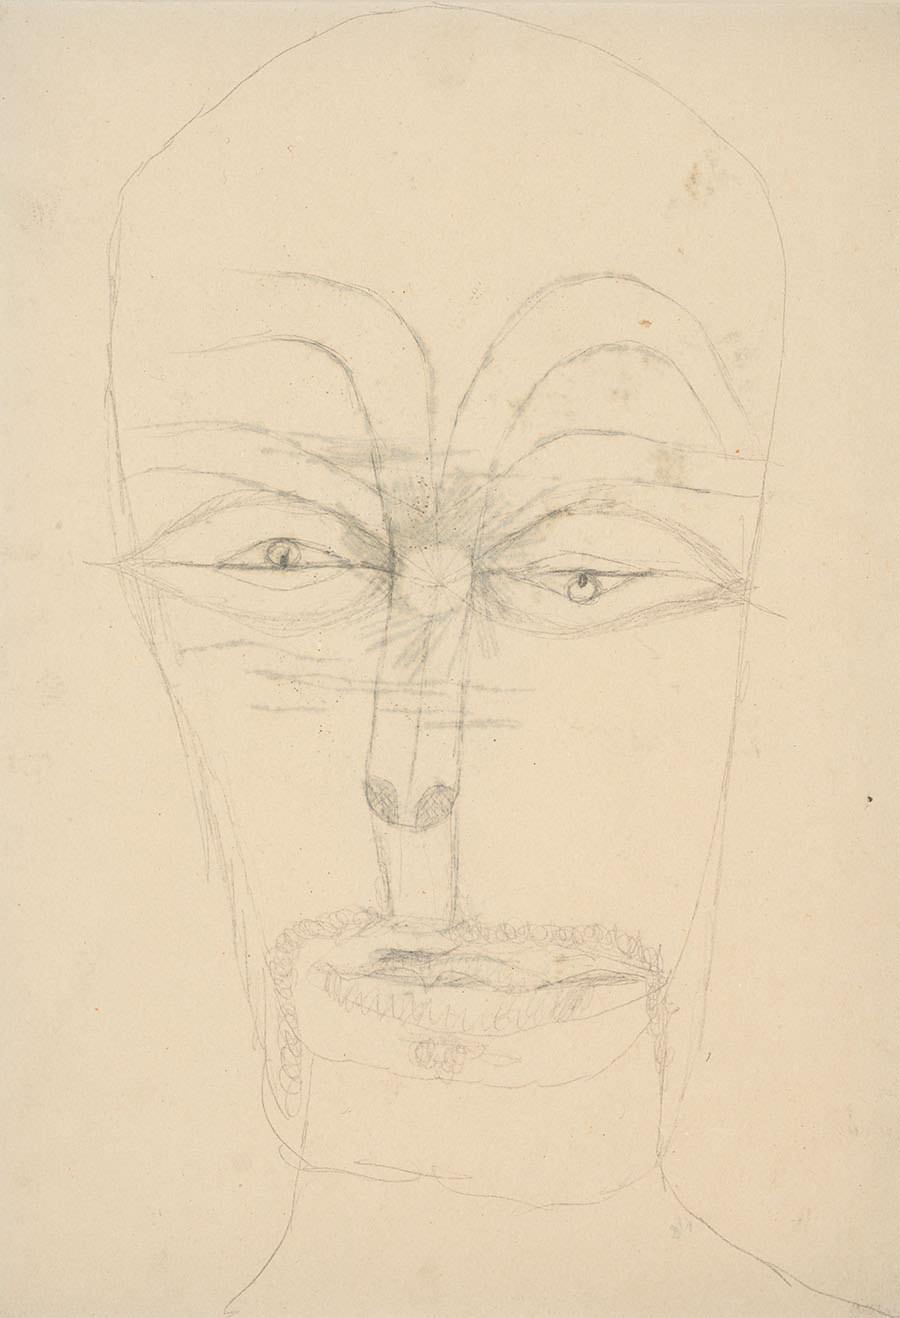 Paul Klee Ohne Titel (Rückseite von Mister Sol), 1919, Bleistift auf Papier, 27,2 x 19,6 cm, Privatbesitz ©Zentrum Paul Klee, Bern, Archiv